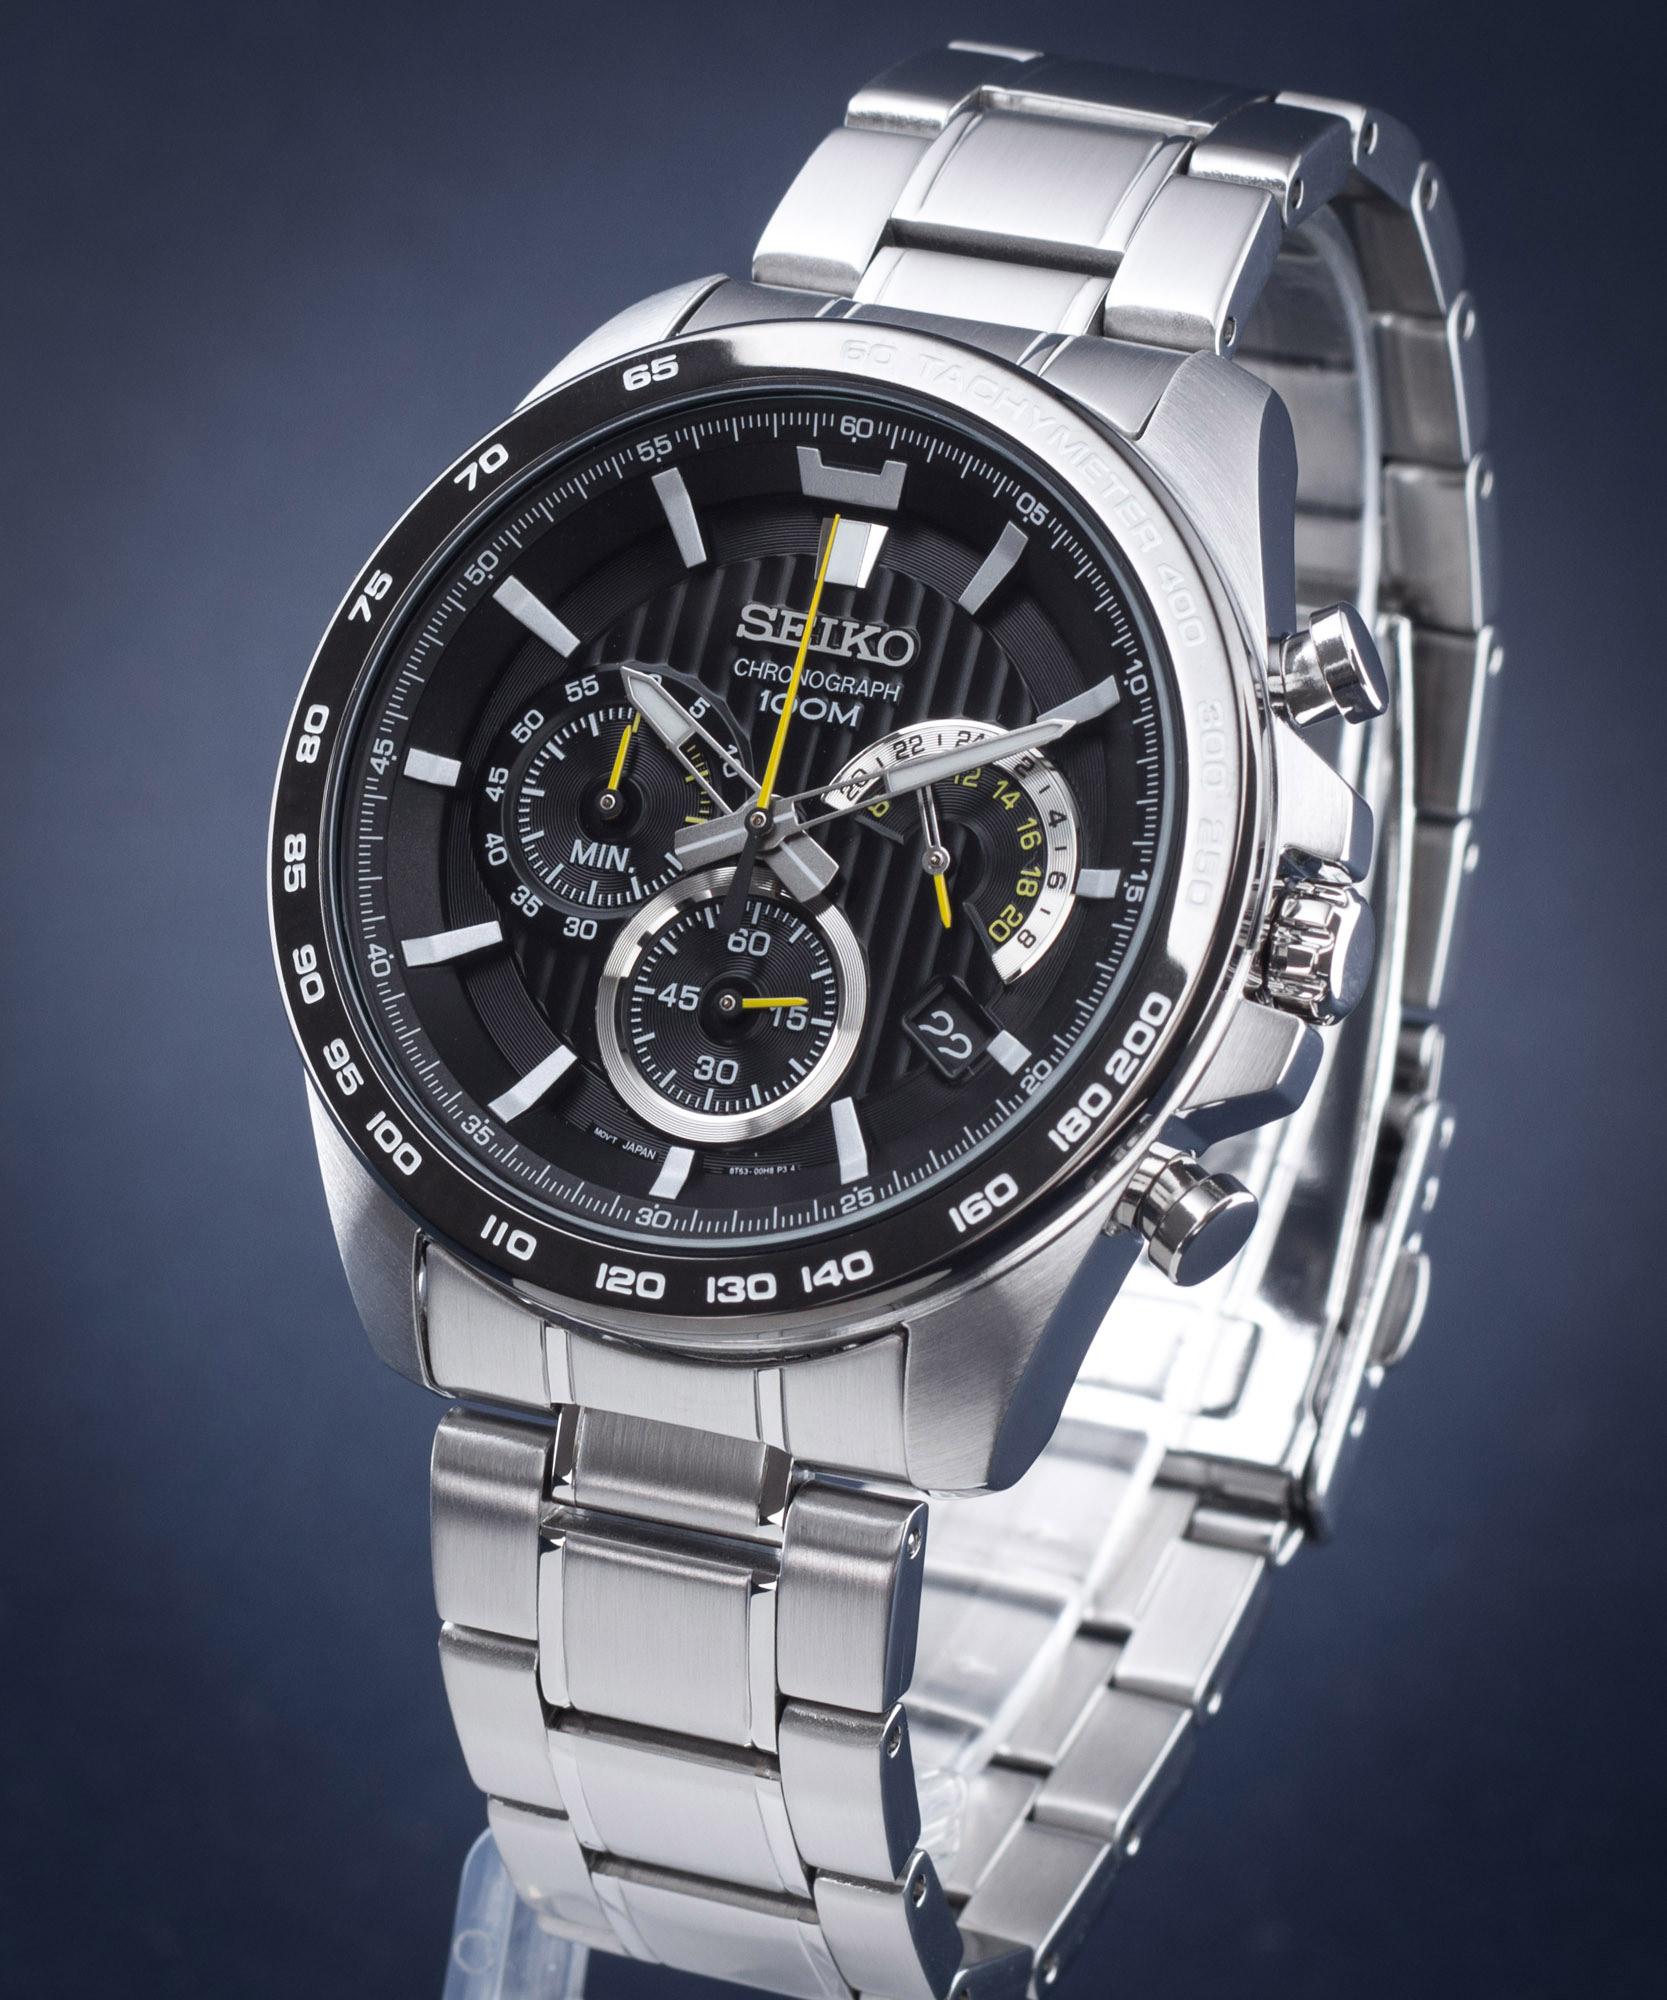 zegarek-meski-seiko-chronograph-ssb303p1_2